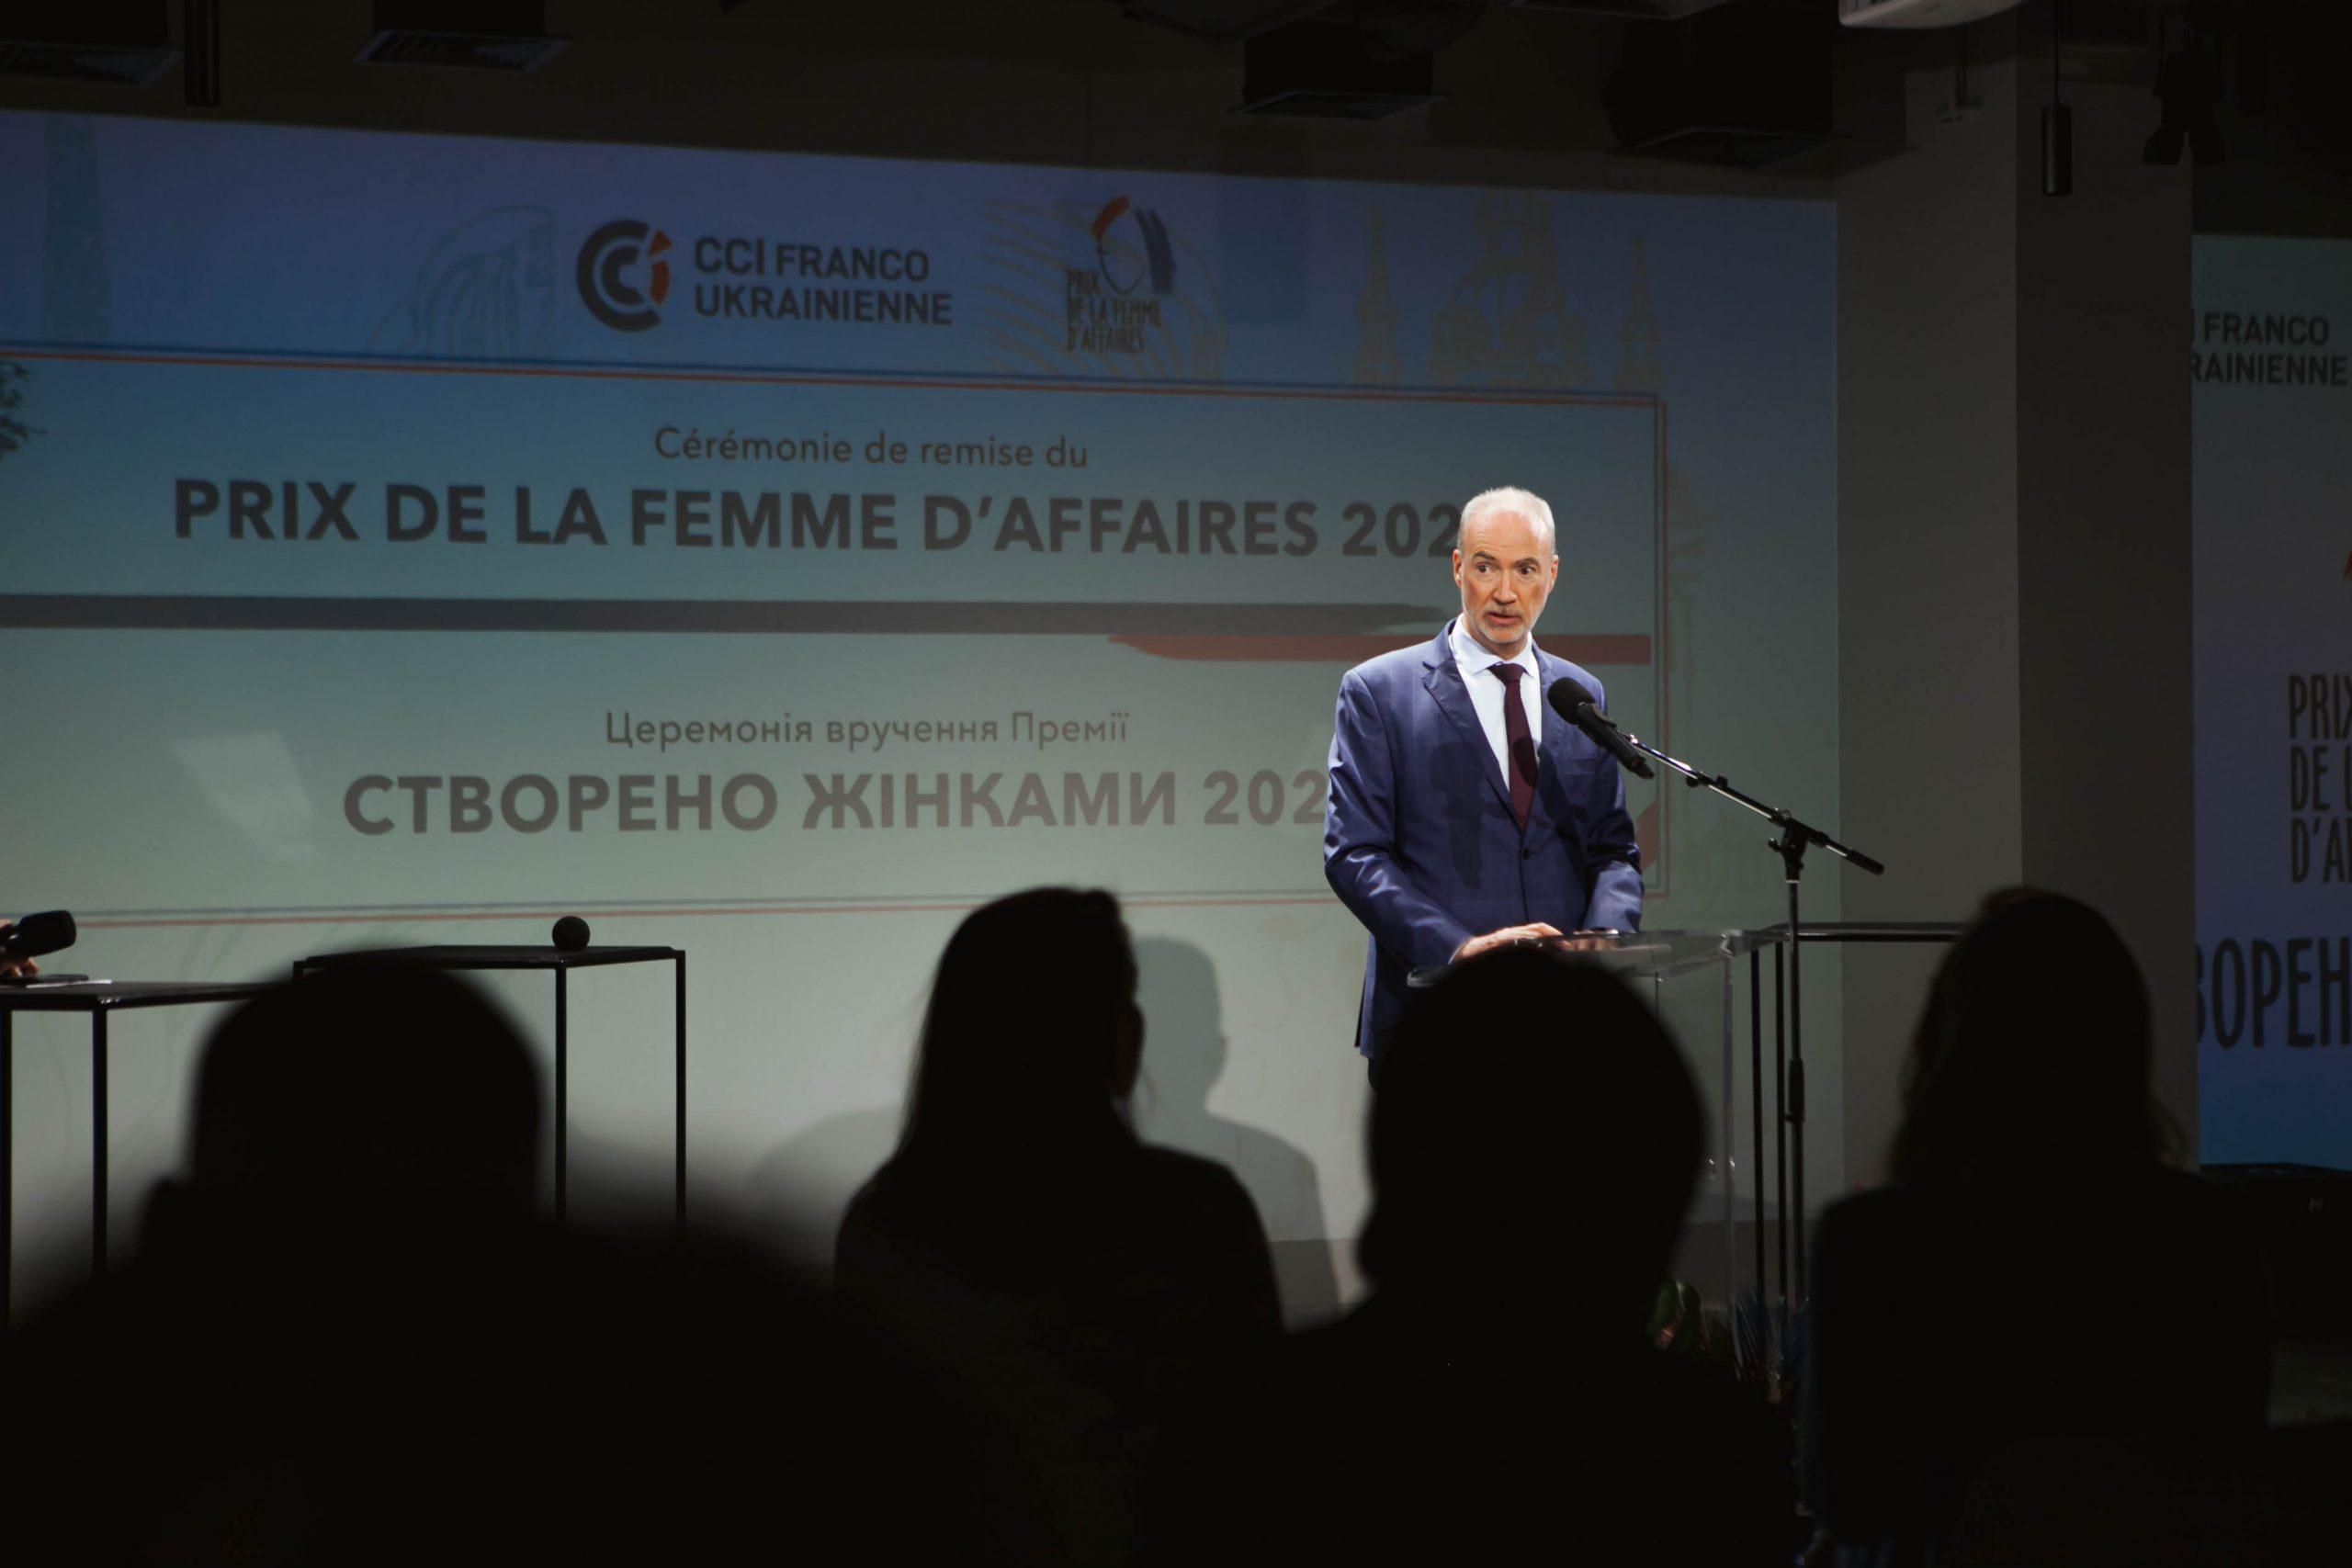 Этьен де Понсен, посол Франции в Украине, почетный президент жюри